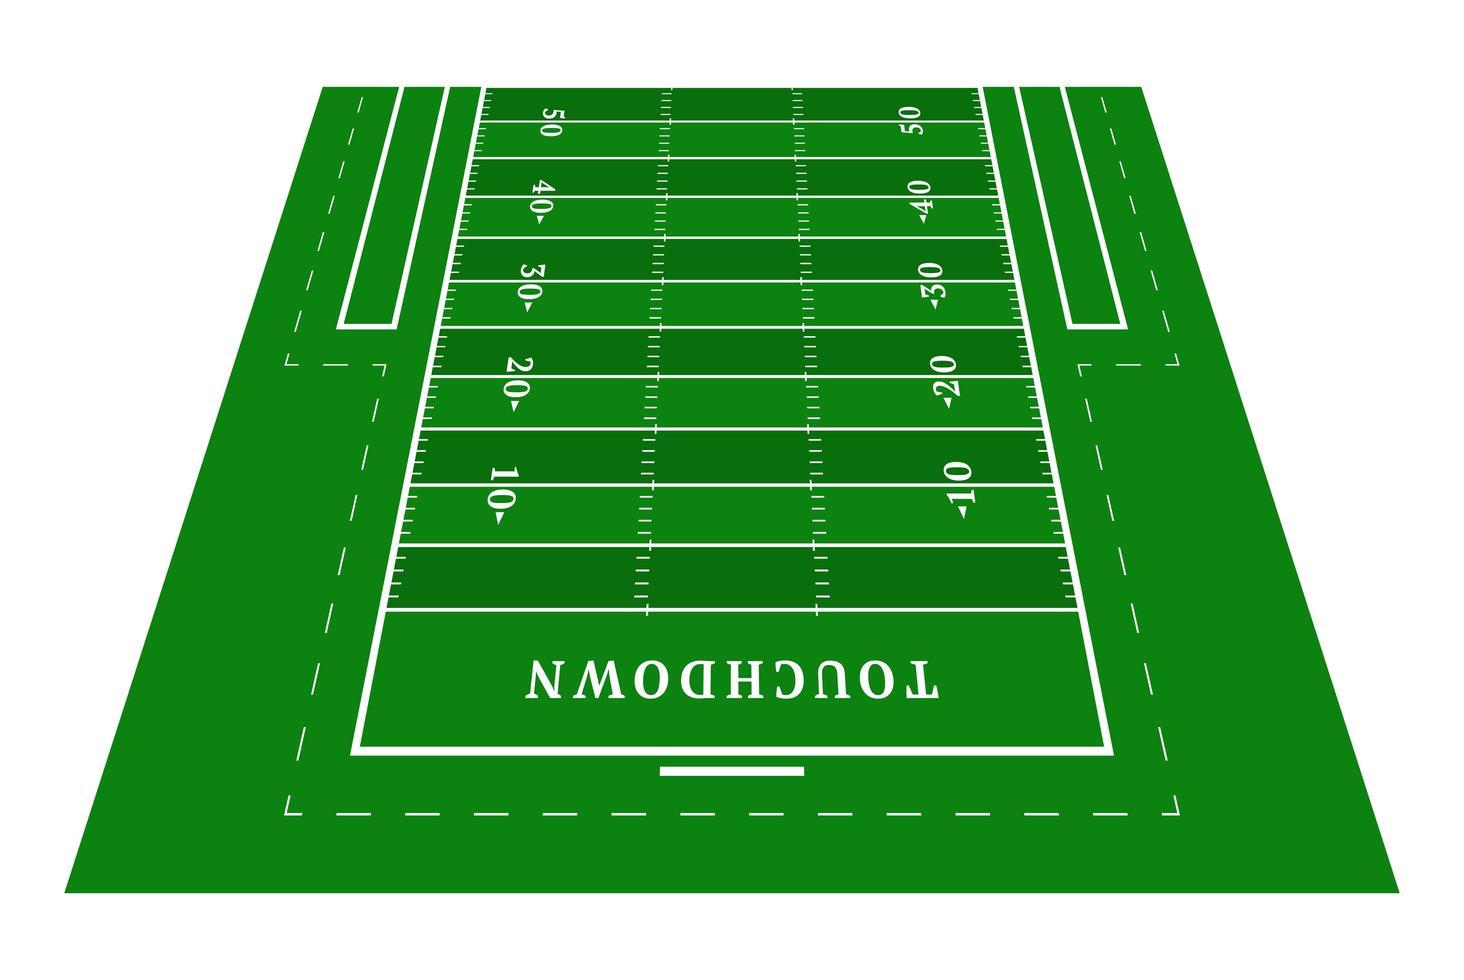 perspektiv grön amerikansk fotboll halvfält. vy framifrån. rugby fält med linjemall. vektor illustration stadion.